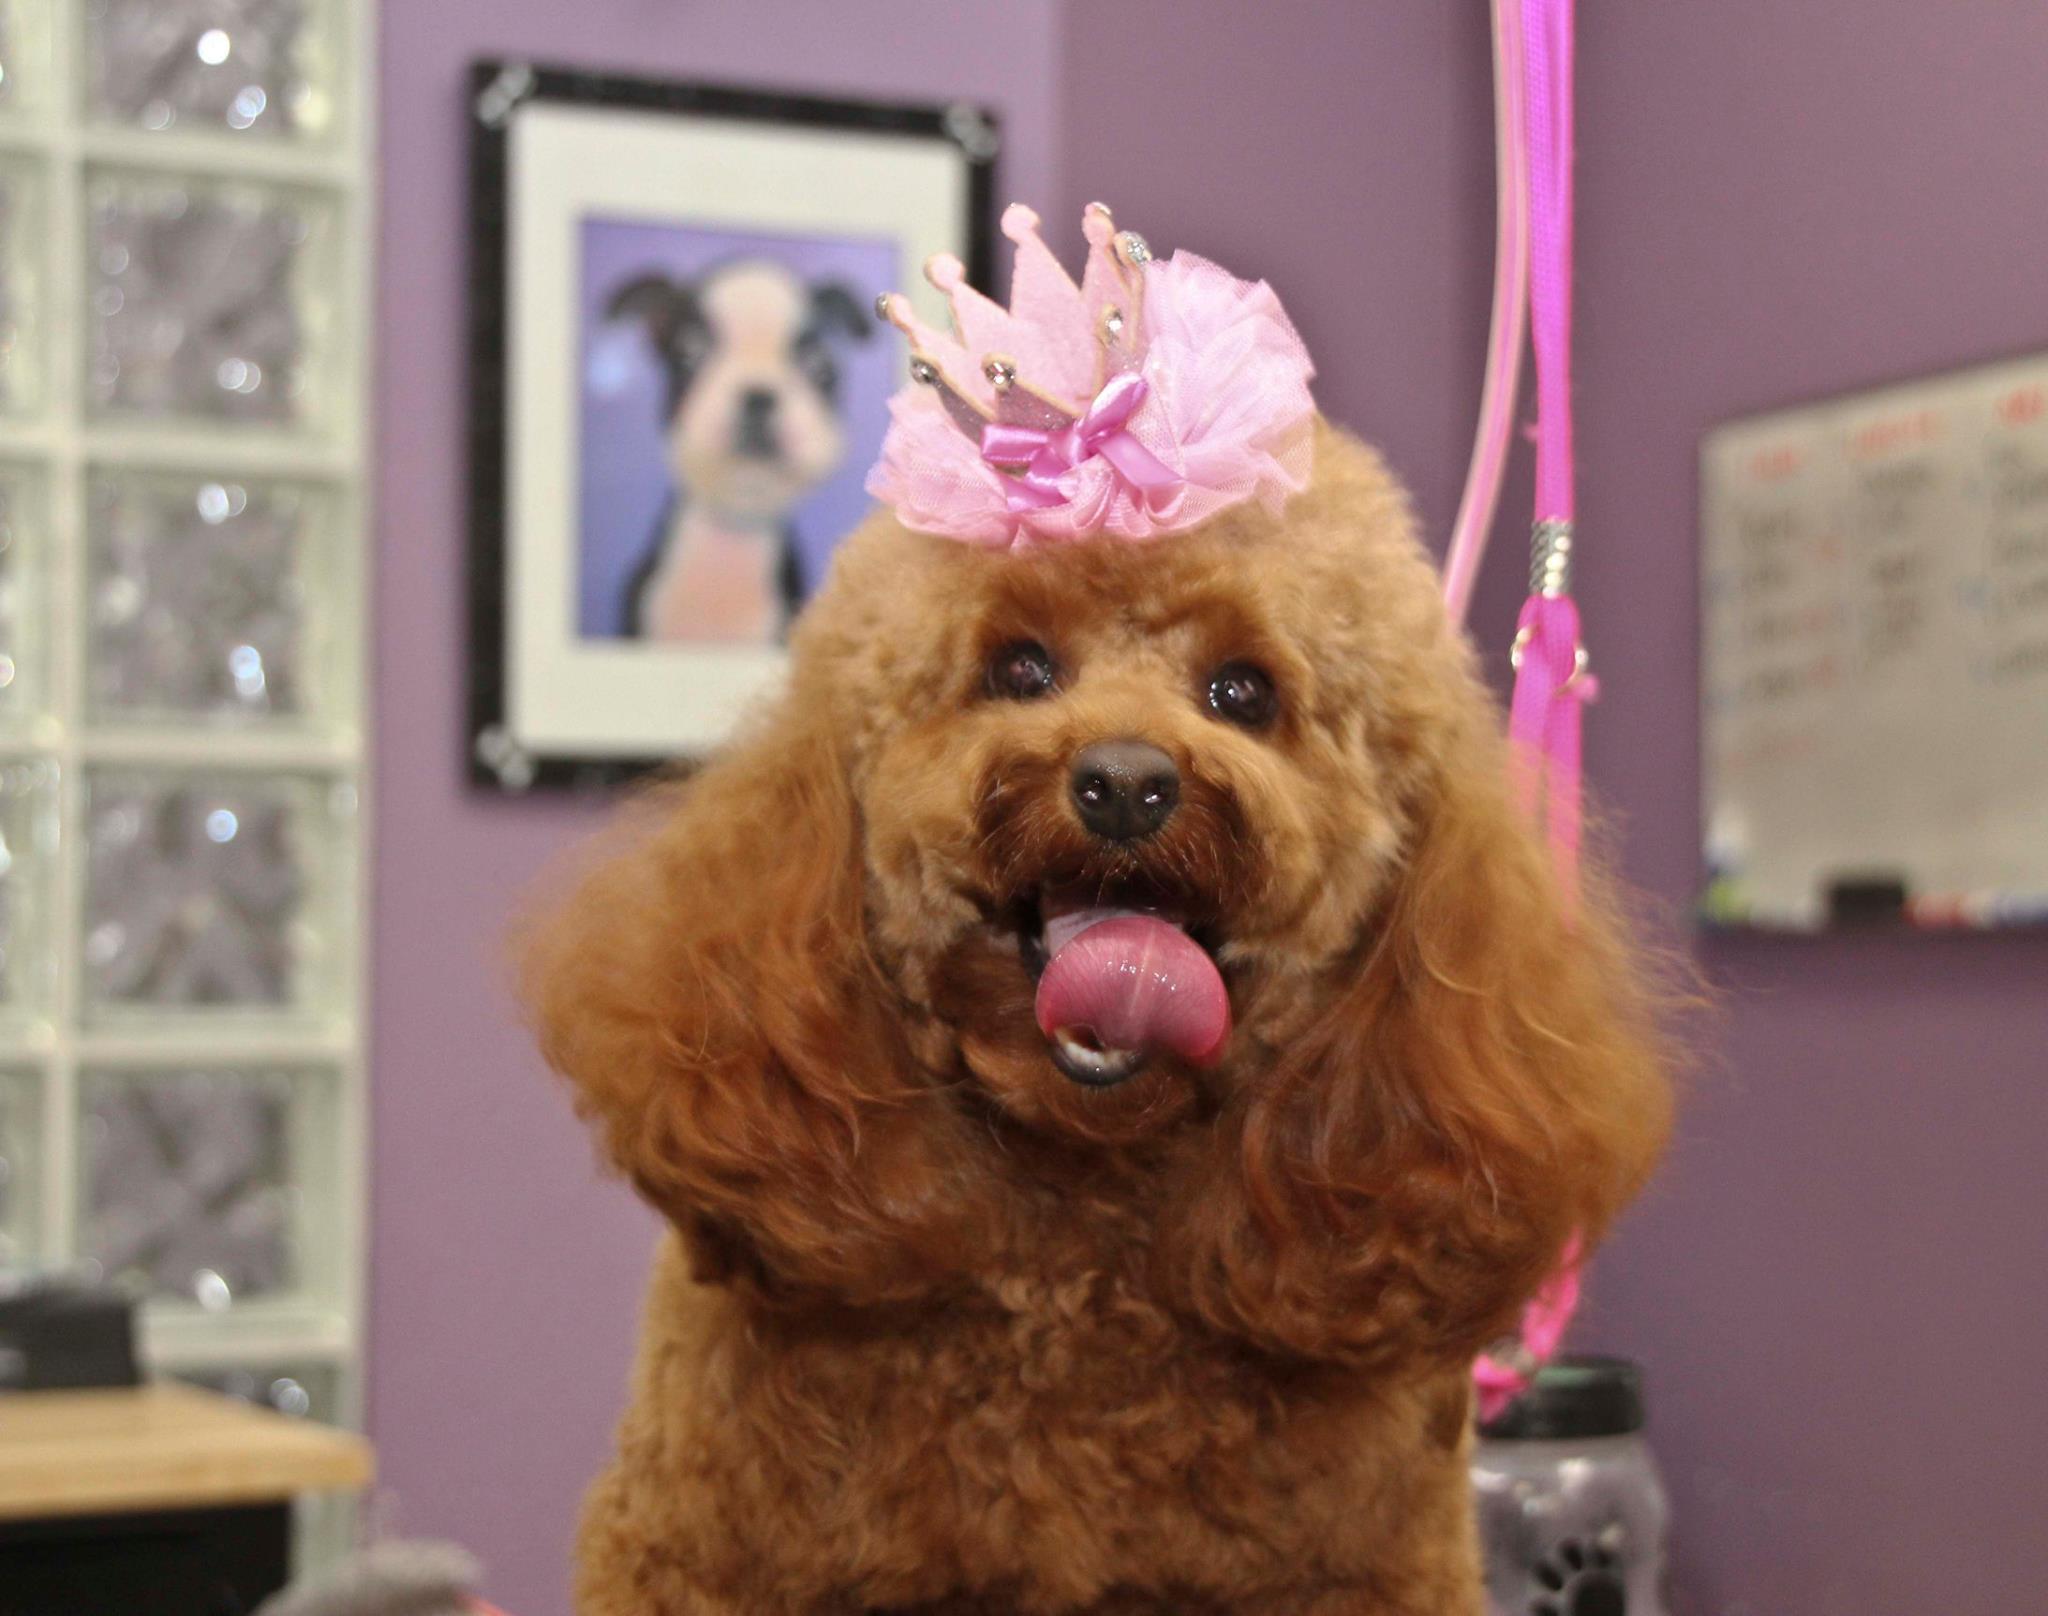 Loli models the tiarra scrunchie